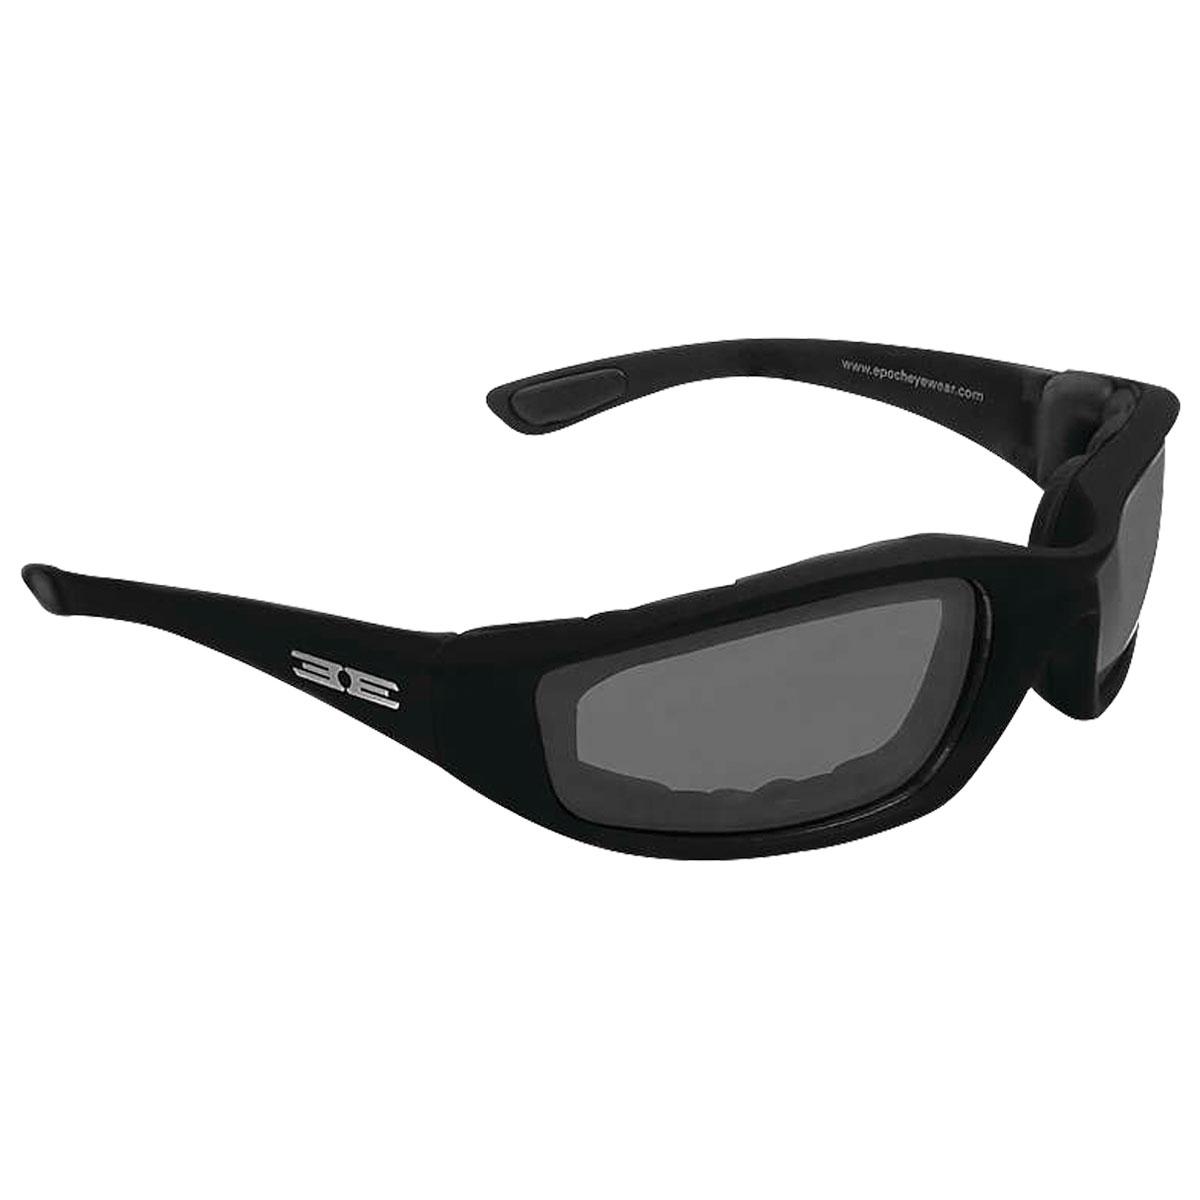 Epoch Eyewear Foam Black Sunglasses with Smoke Lens